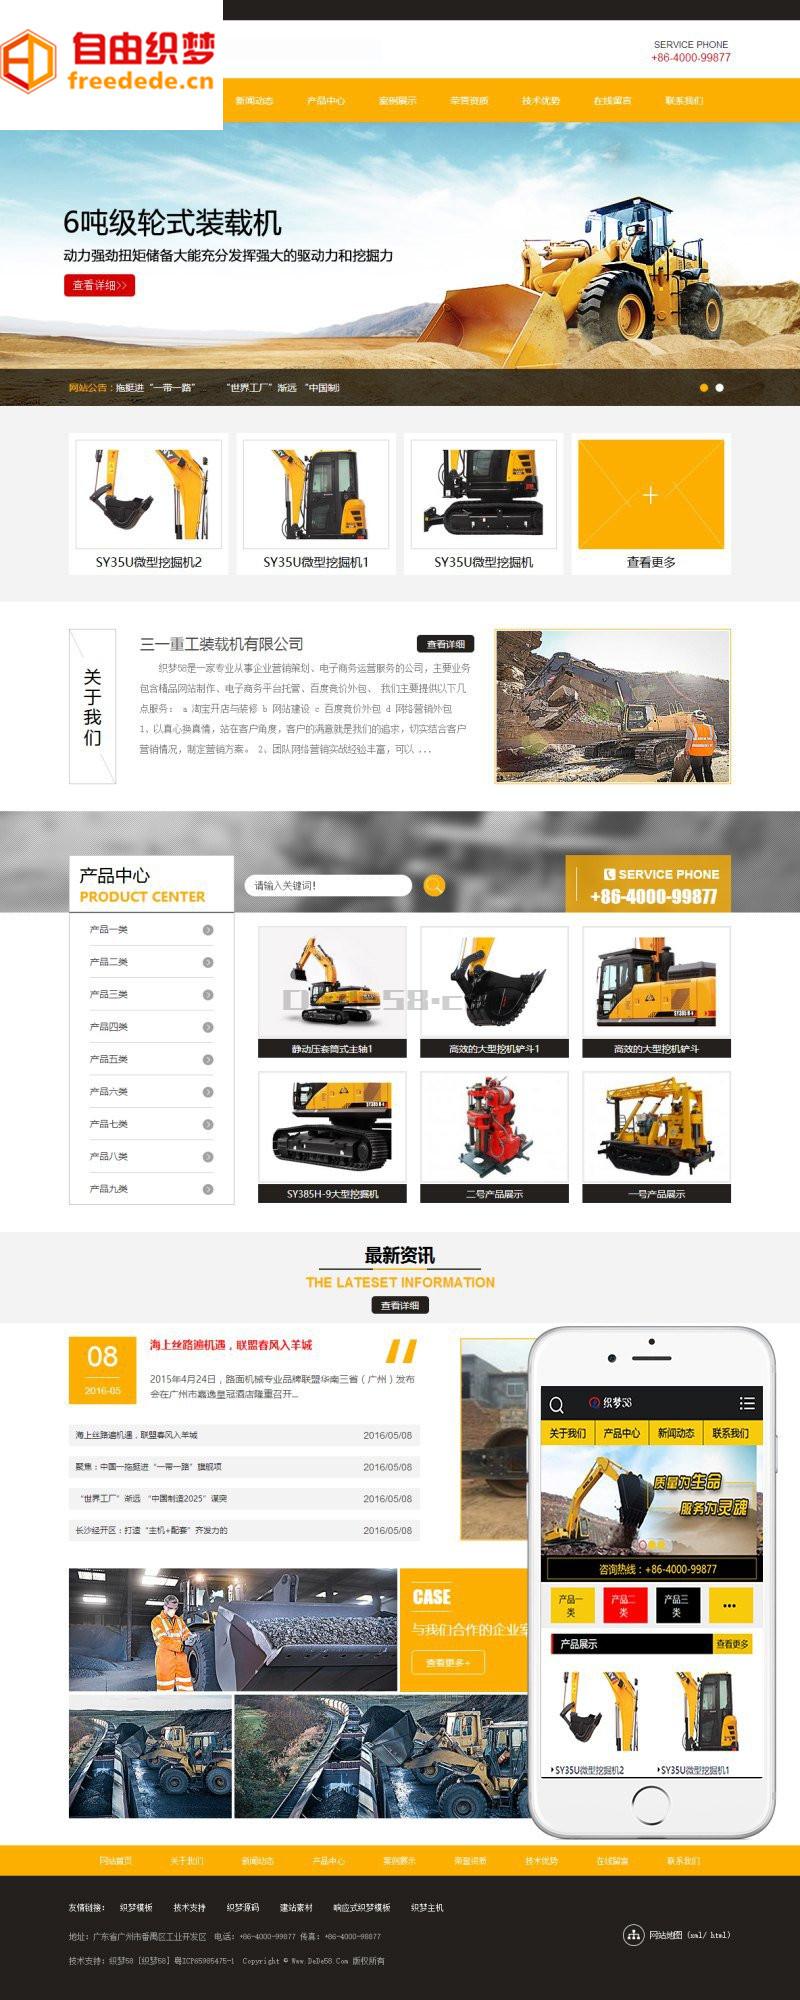 爱上源码网文章营销型黄色机械设备挖掘机类网站织梦模板(带手机端)整站源码下载的内容插图